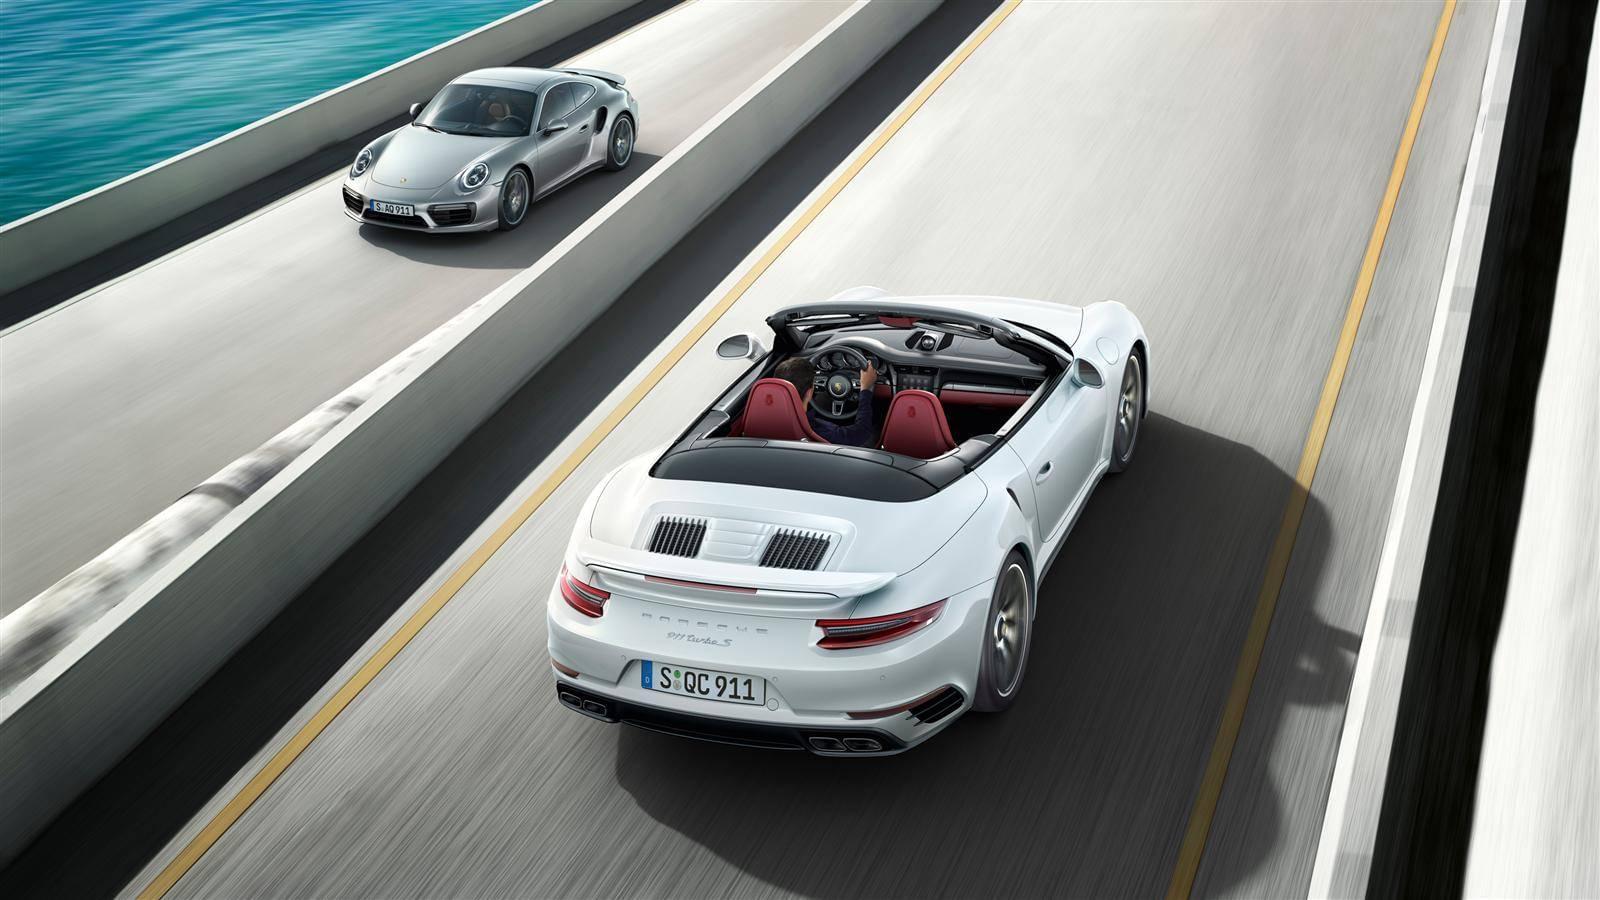 Porsche Turbo S Overhead